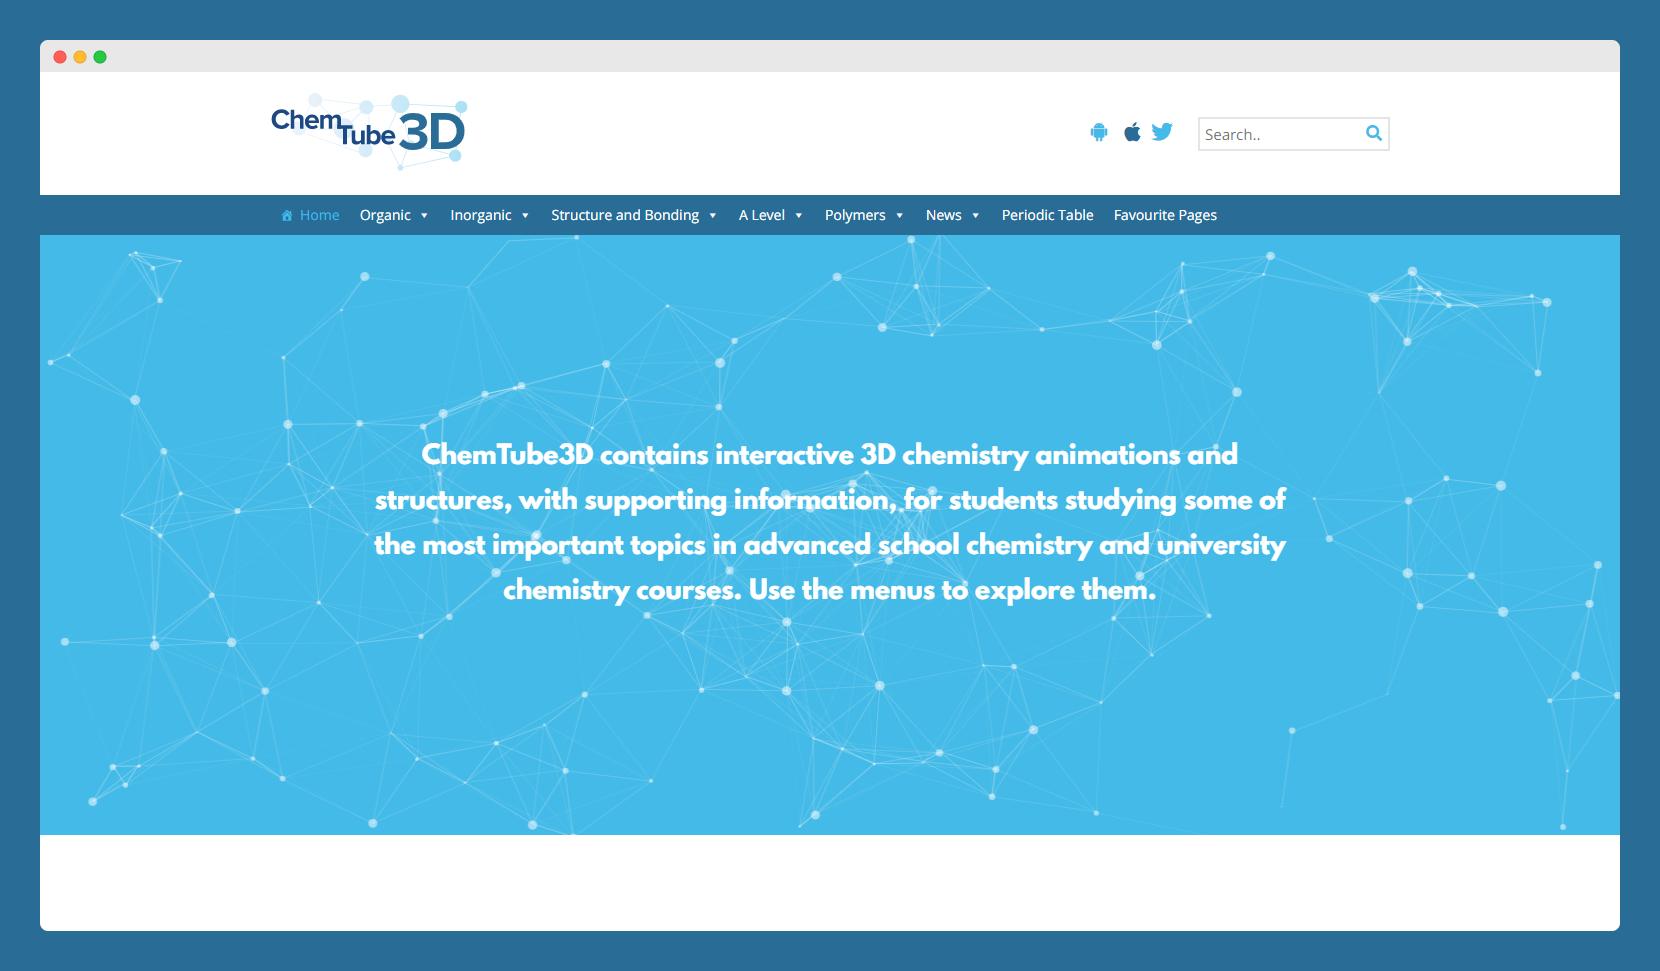 ChemTube 3D